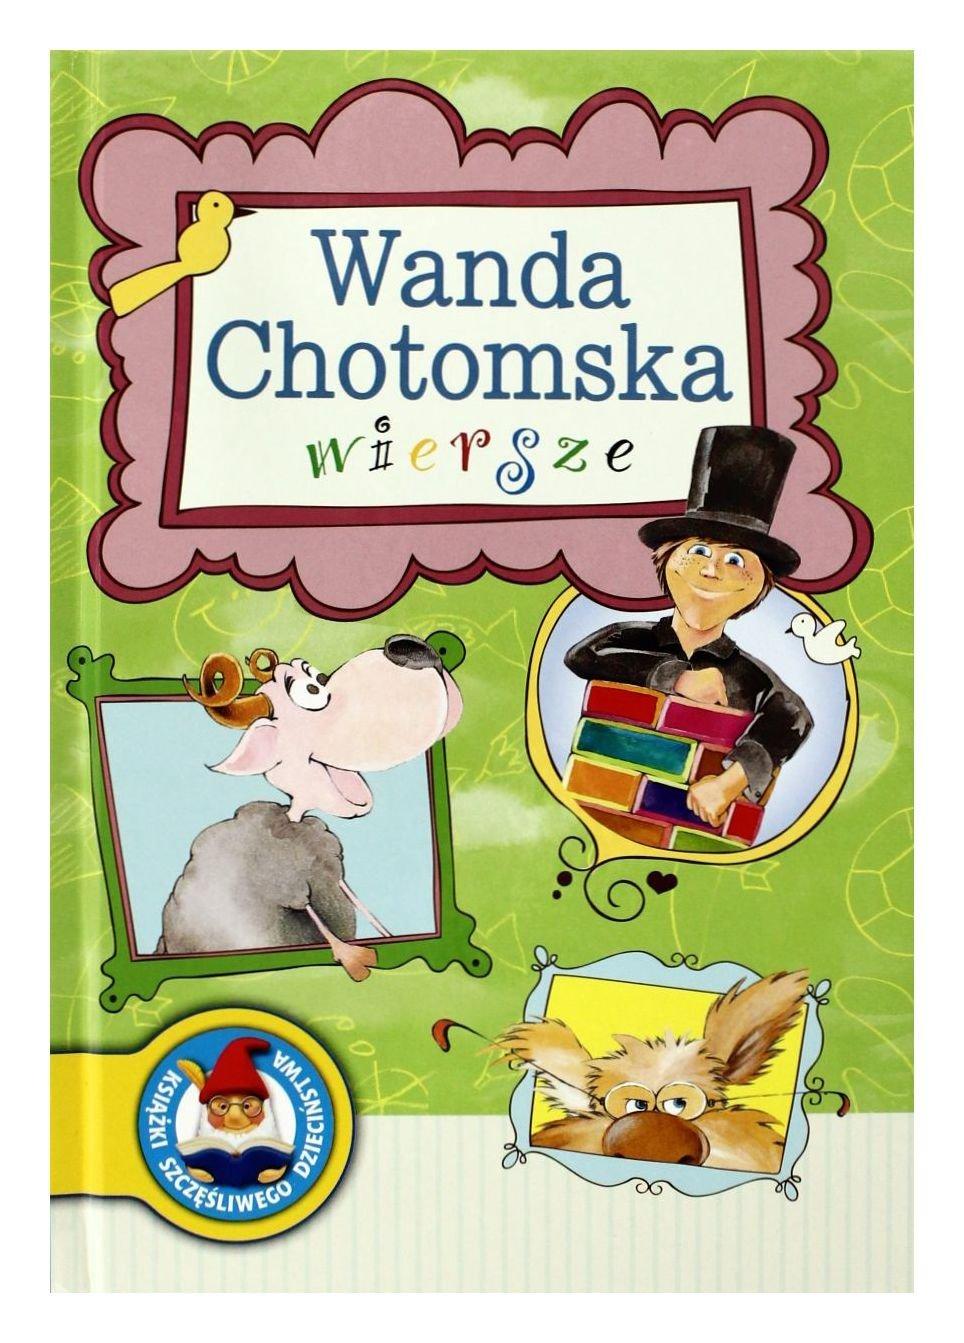 Wanda Chotomska Wiersze 40484 Id Produktu 1492737